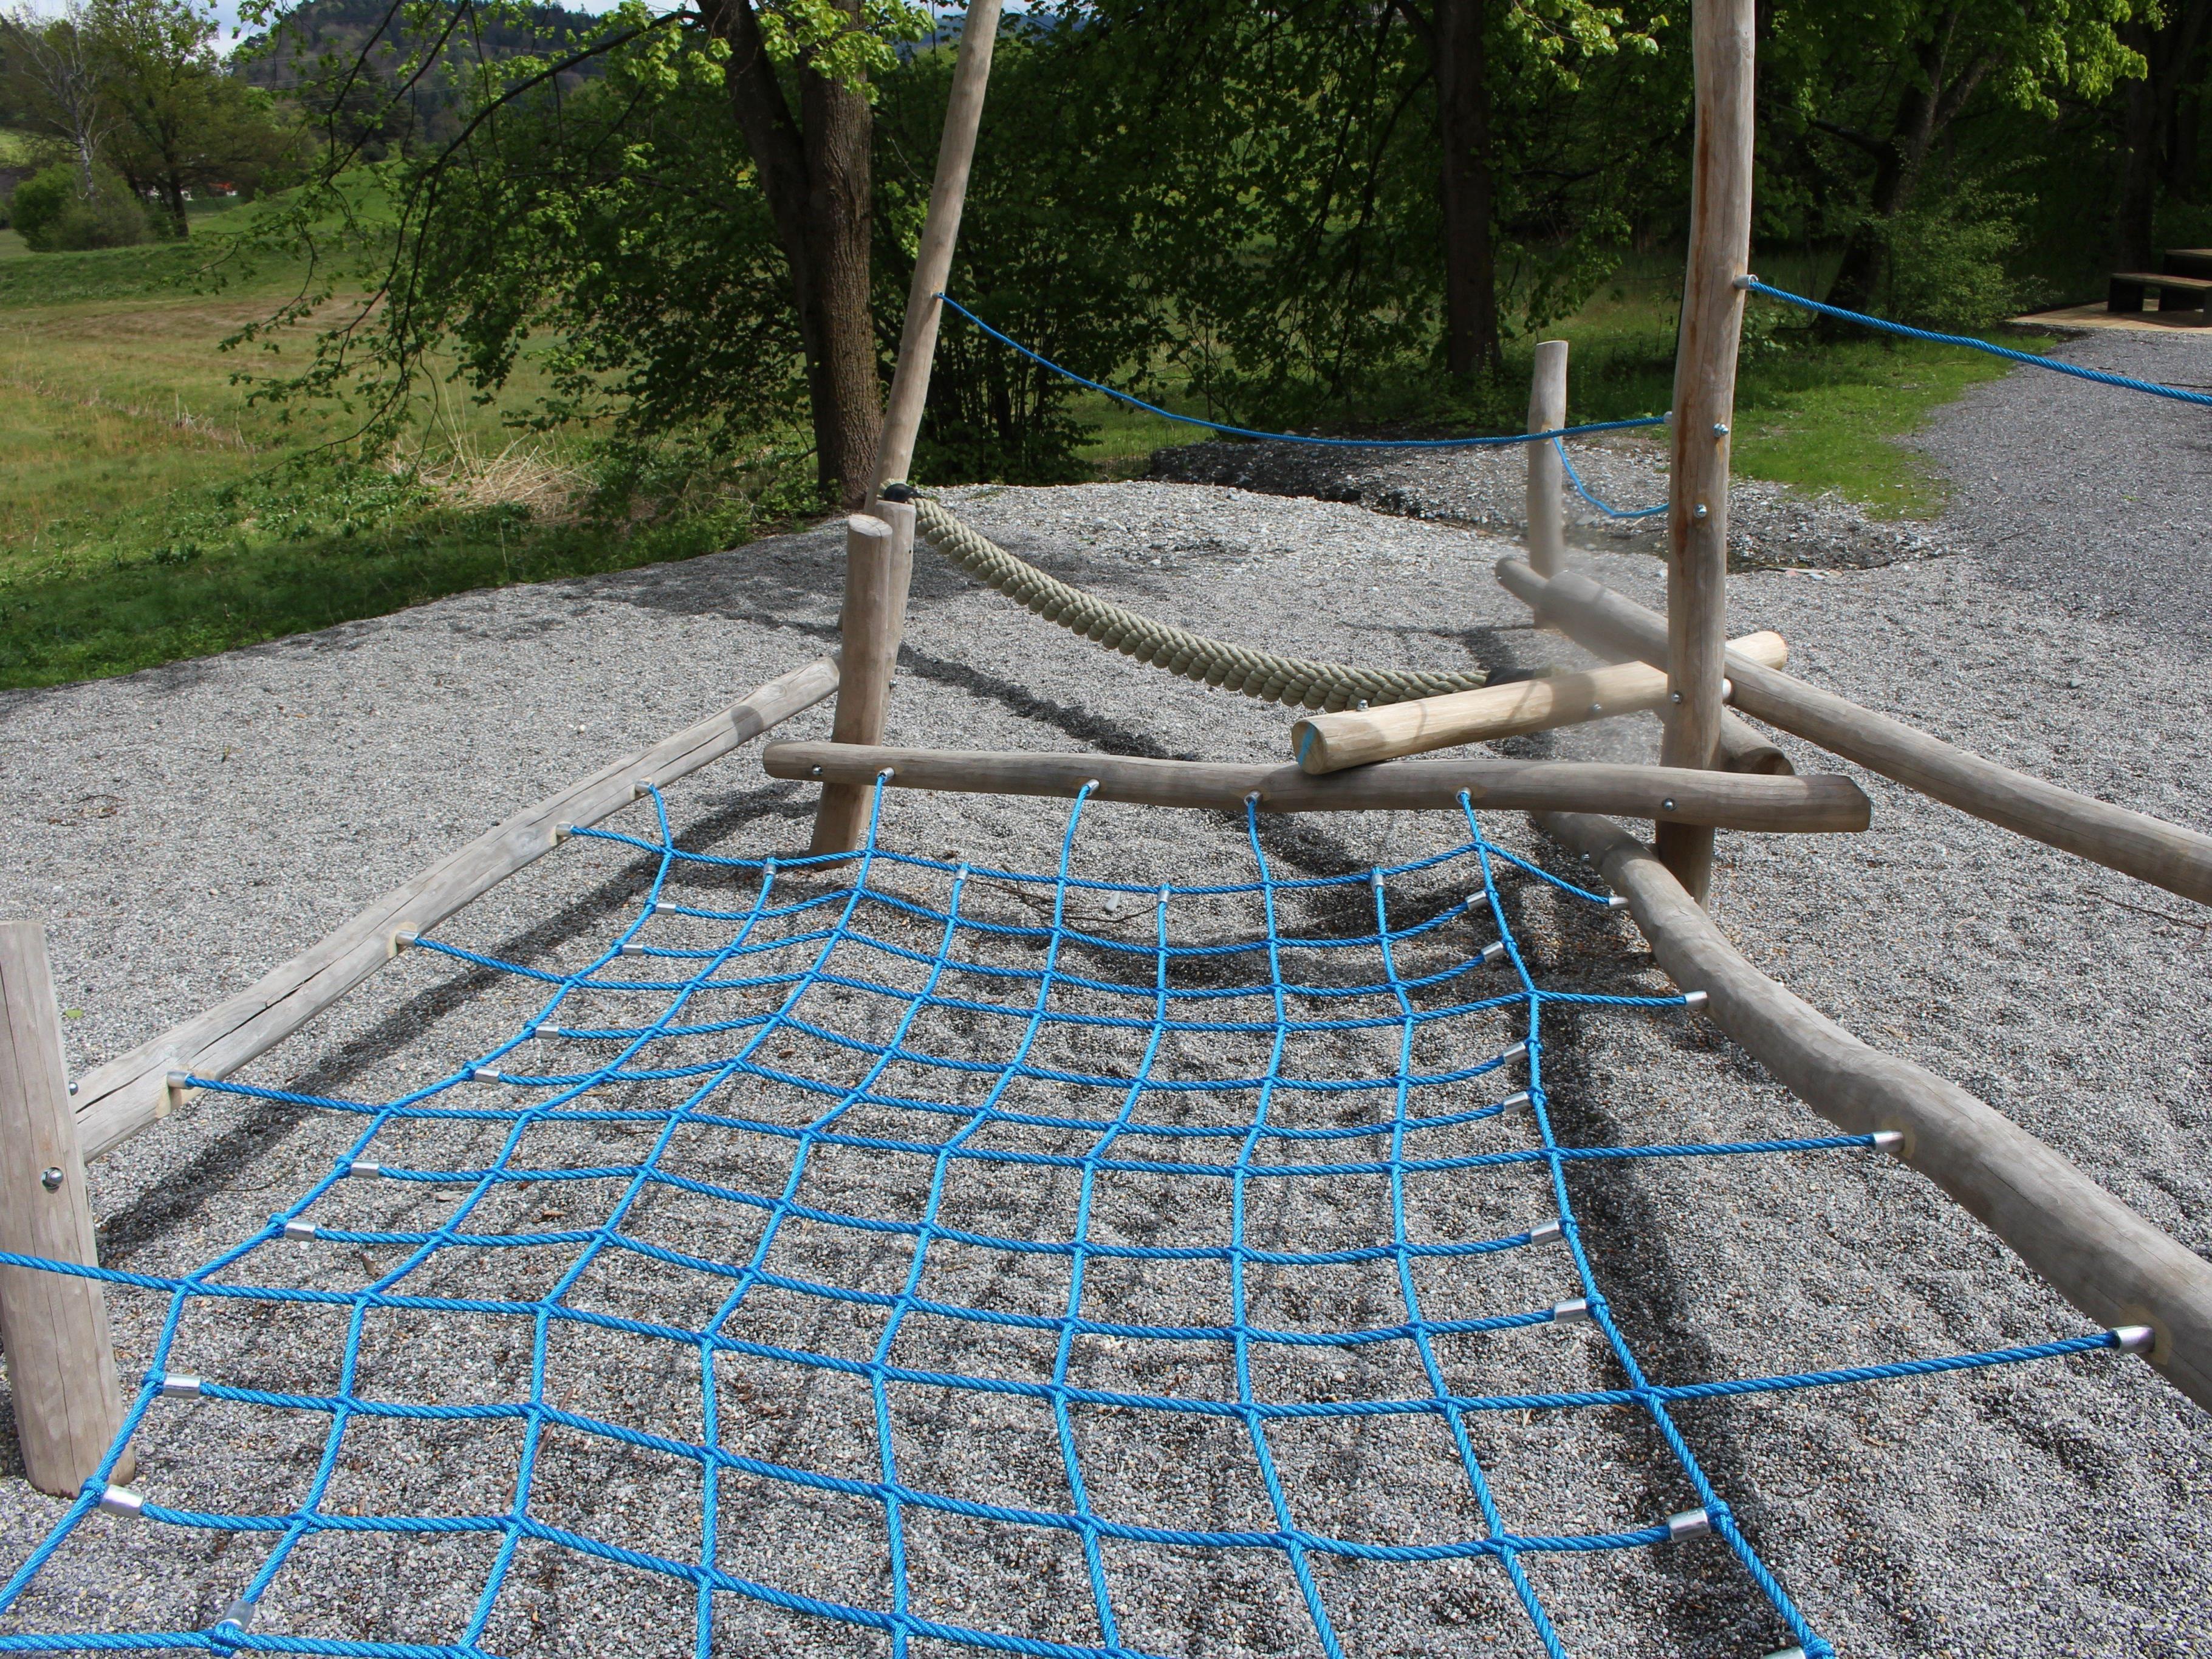 Wartet mit tollen Attraktionen auf: Neuer Spielplatz Holzbild in Fellengatter